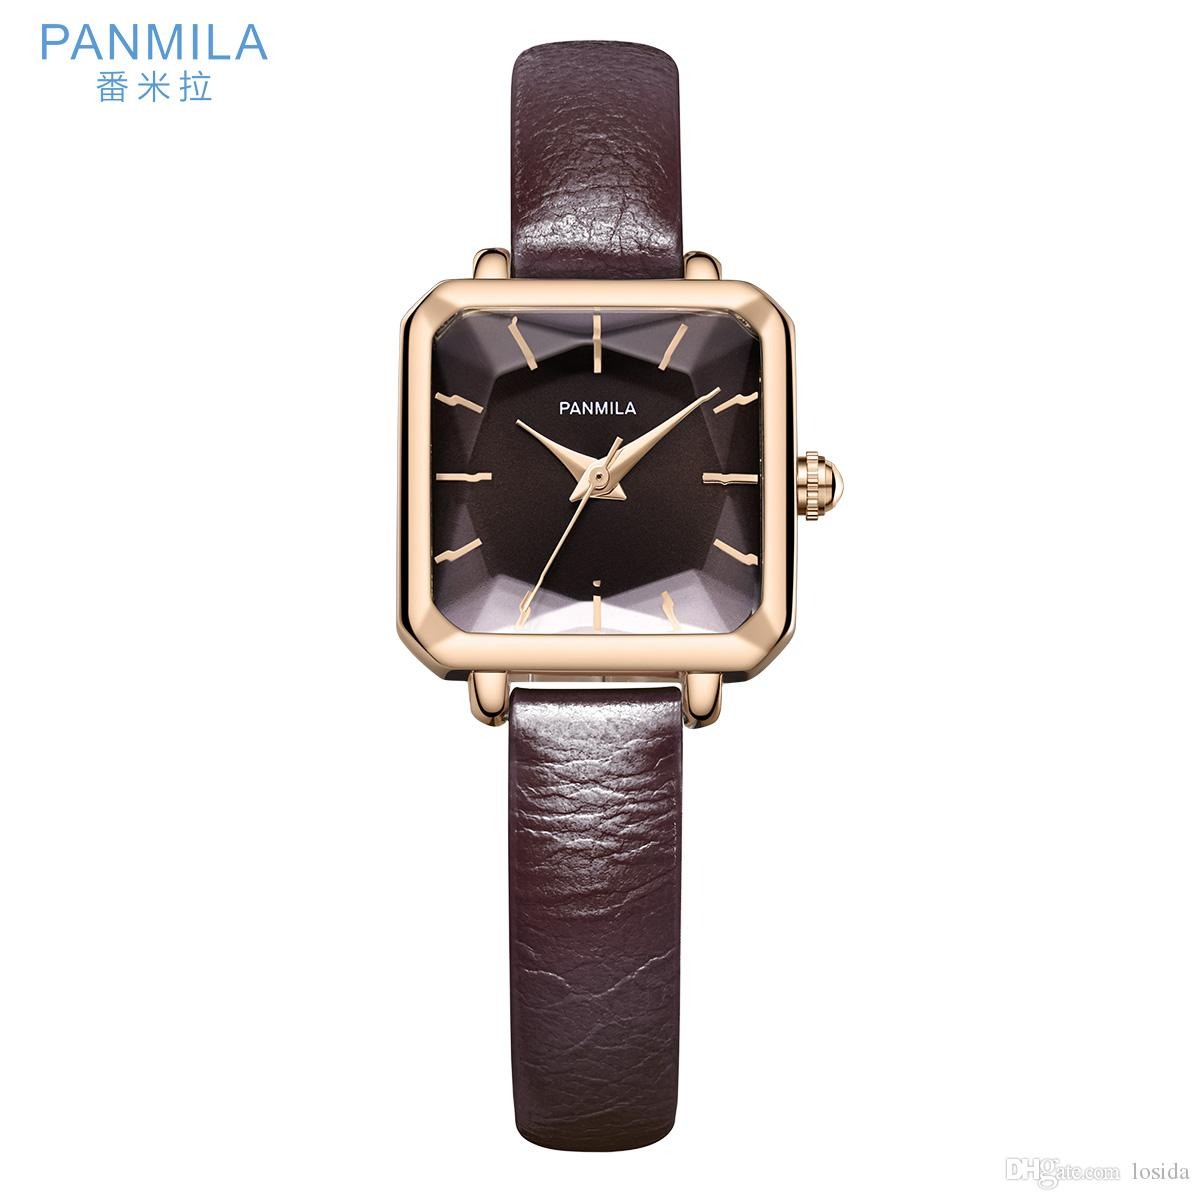 36b4229fad7 Compre 2019 PO238S   PANMILA Moda Mulheres Relógios Retro Rainbow Design  Pulseira De Couro Liga Analógica De Quartzo Relógio De Pulso Relógio Relogio  ...